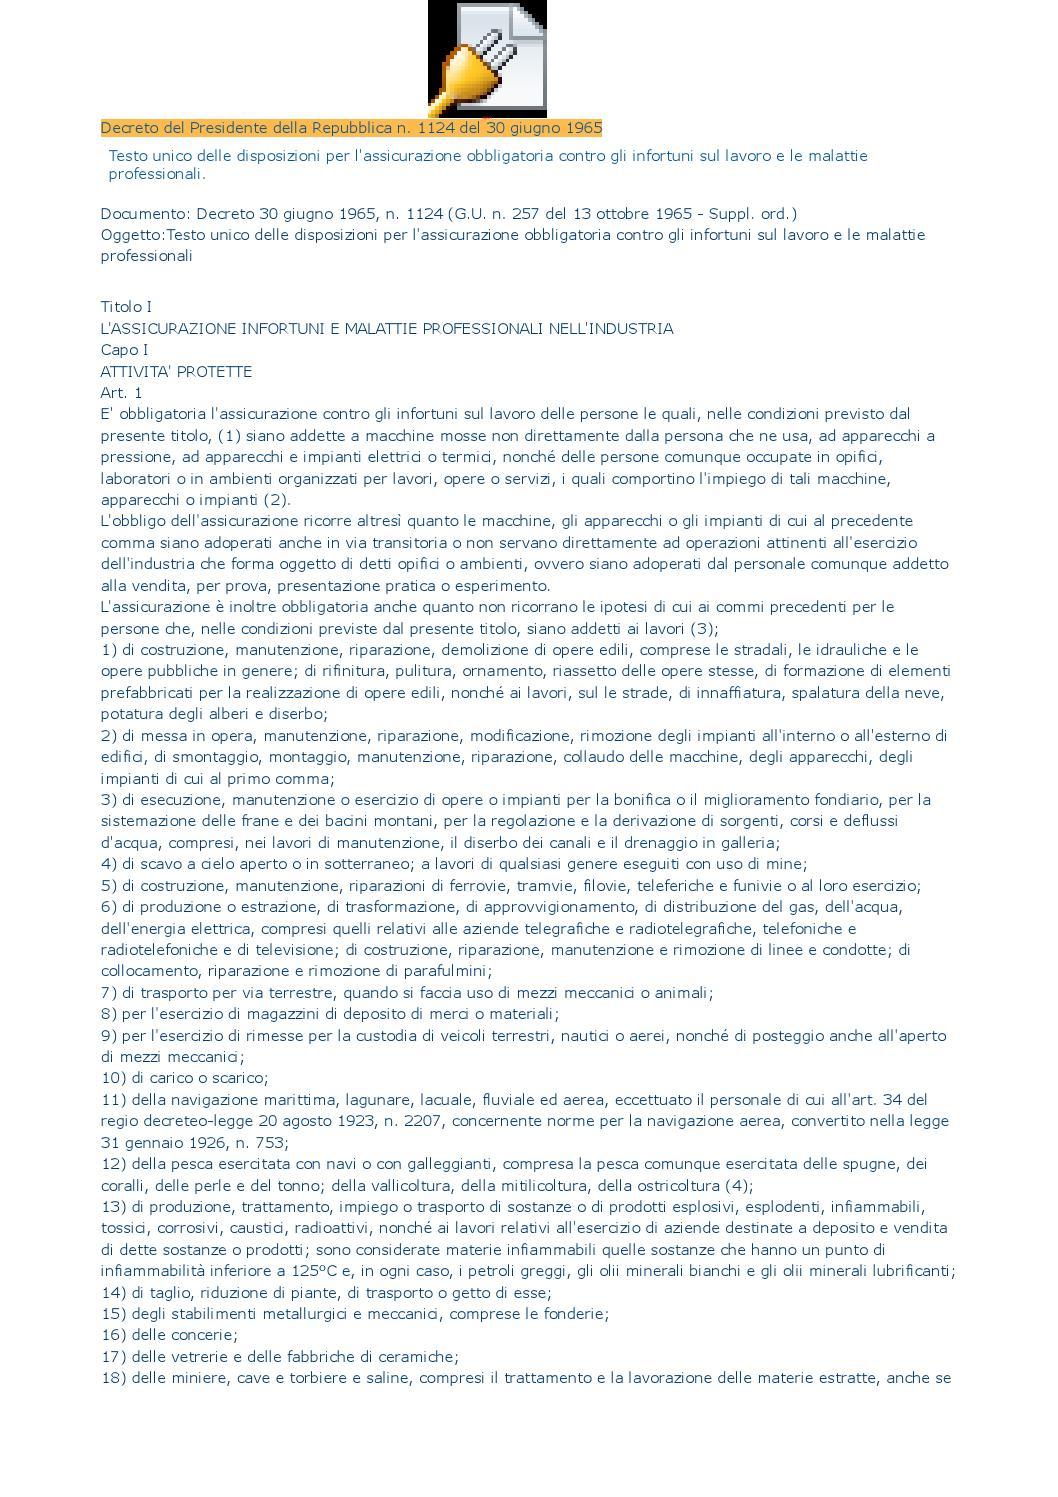 Decreto del presidente della repubblica n 1124 del 30 for Decreto presidente della repubblica